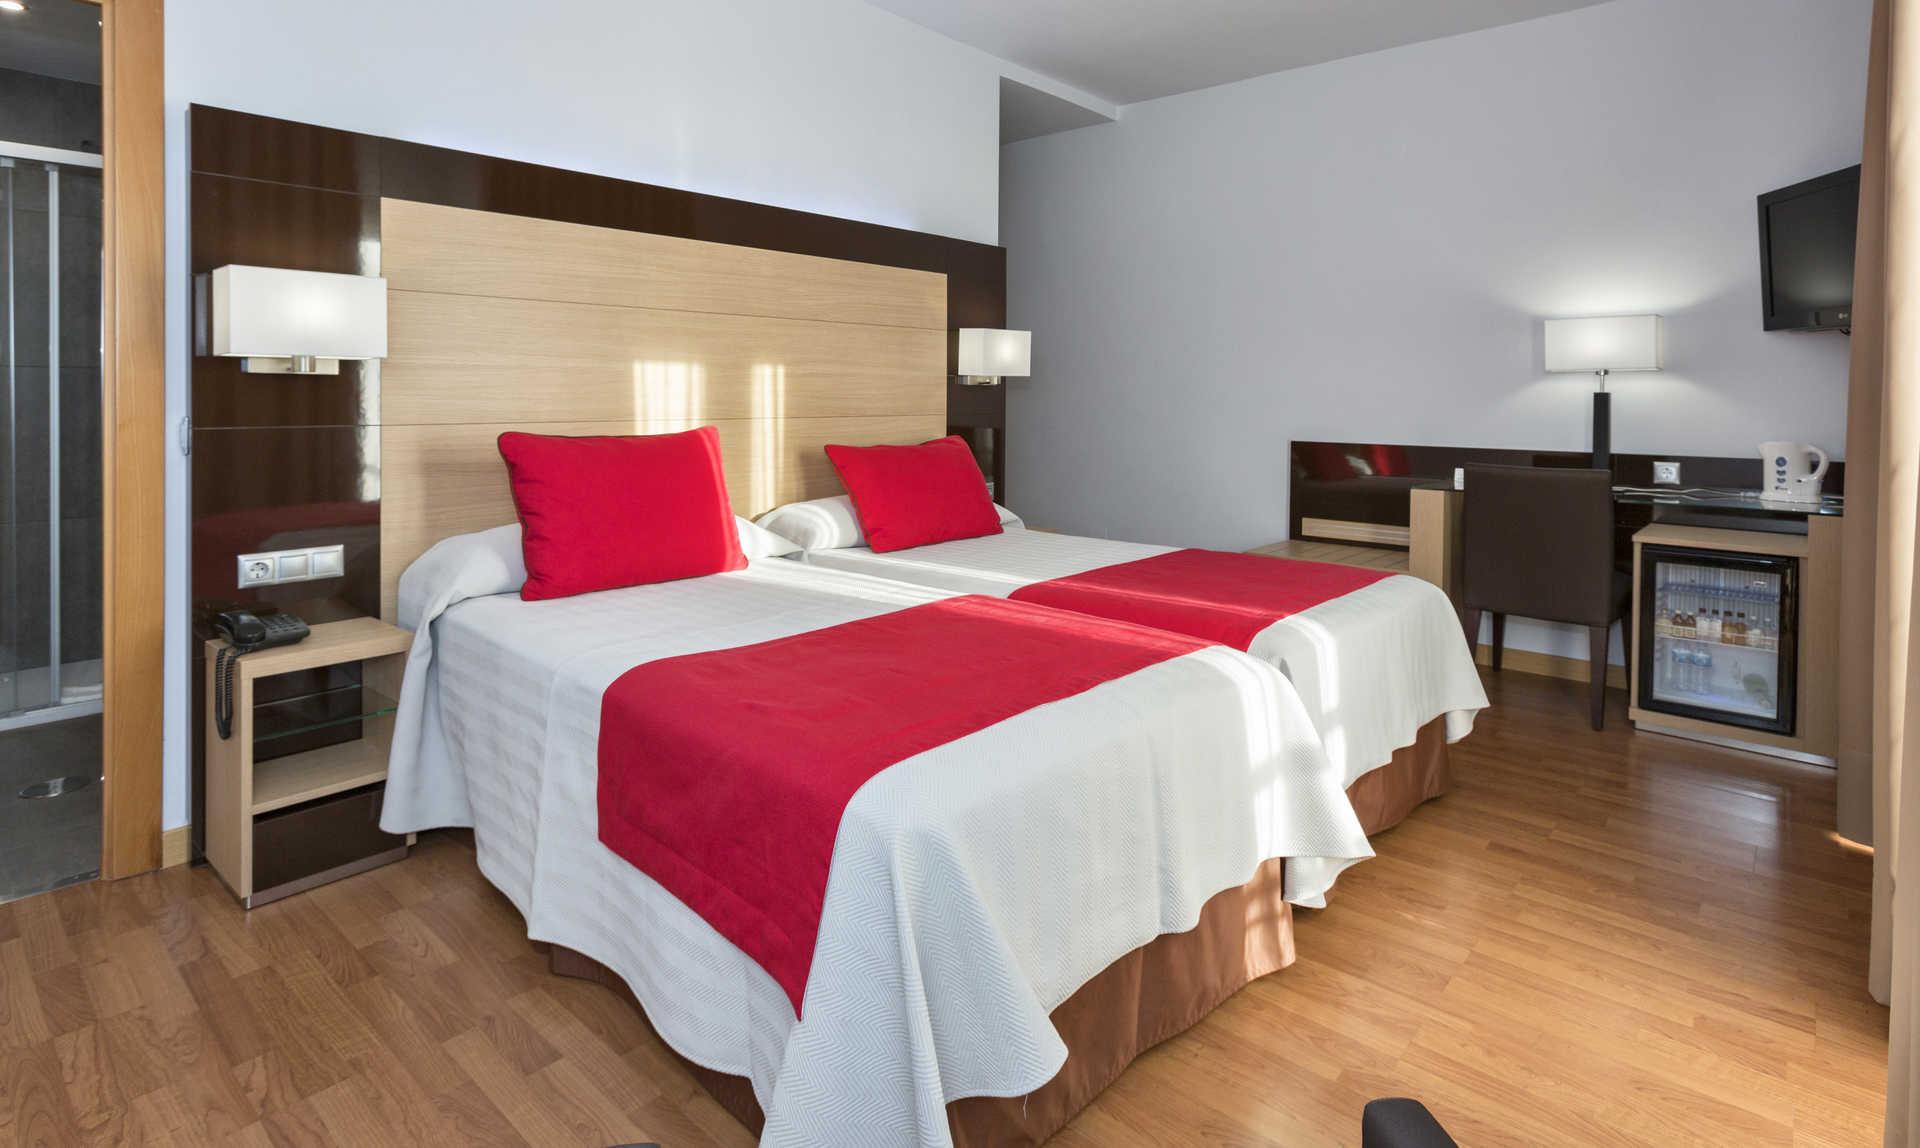 Hamelin: Oferta combinada Hotel Baviera. Marbella - Actividad  (Marbella)